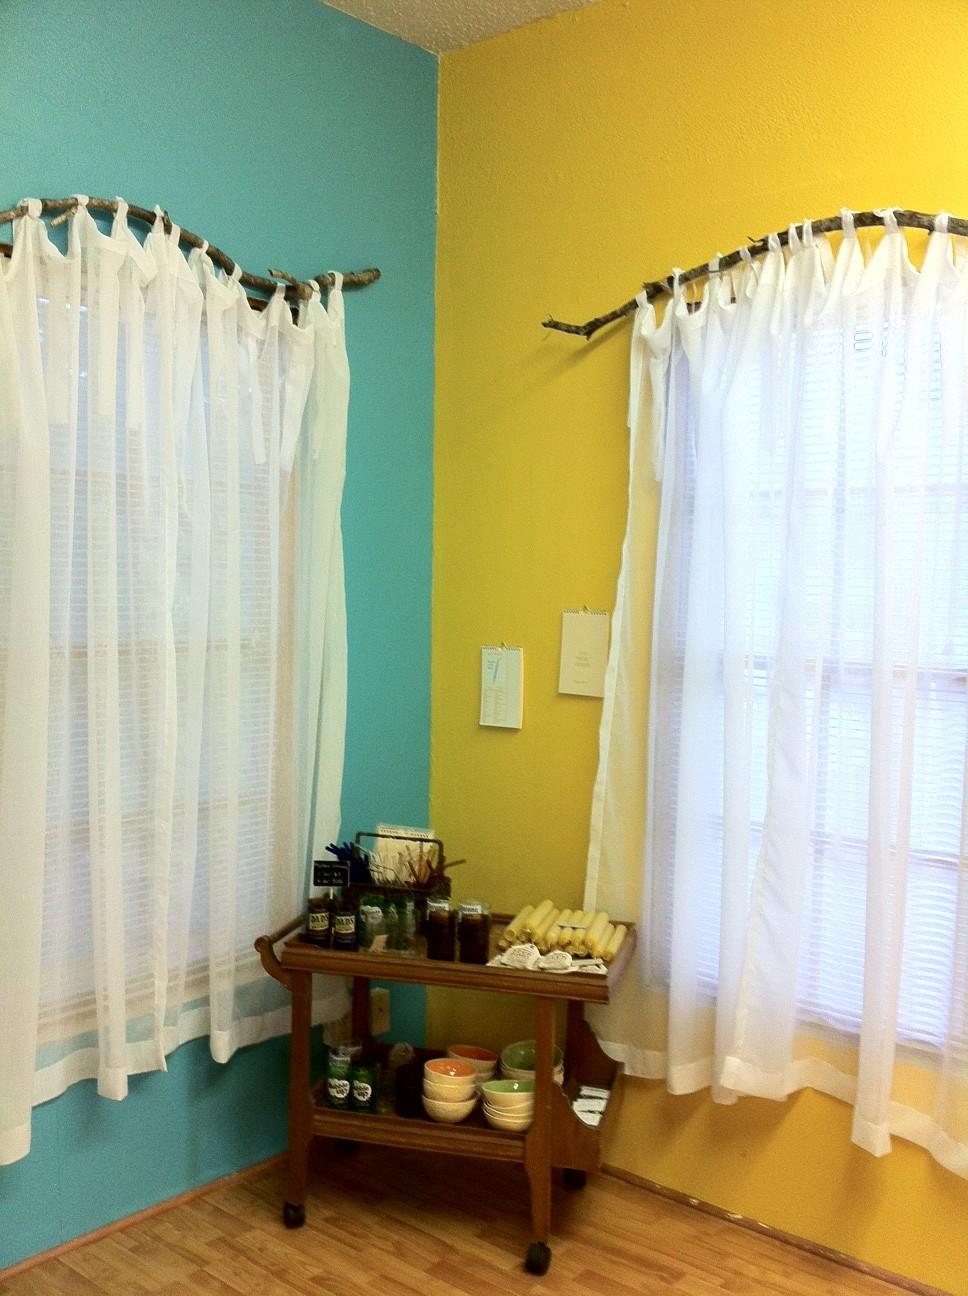 curtains2-e1321399623848.jpg